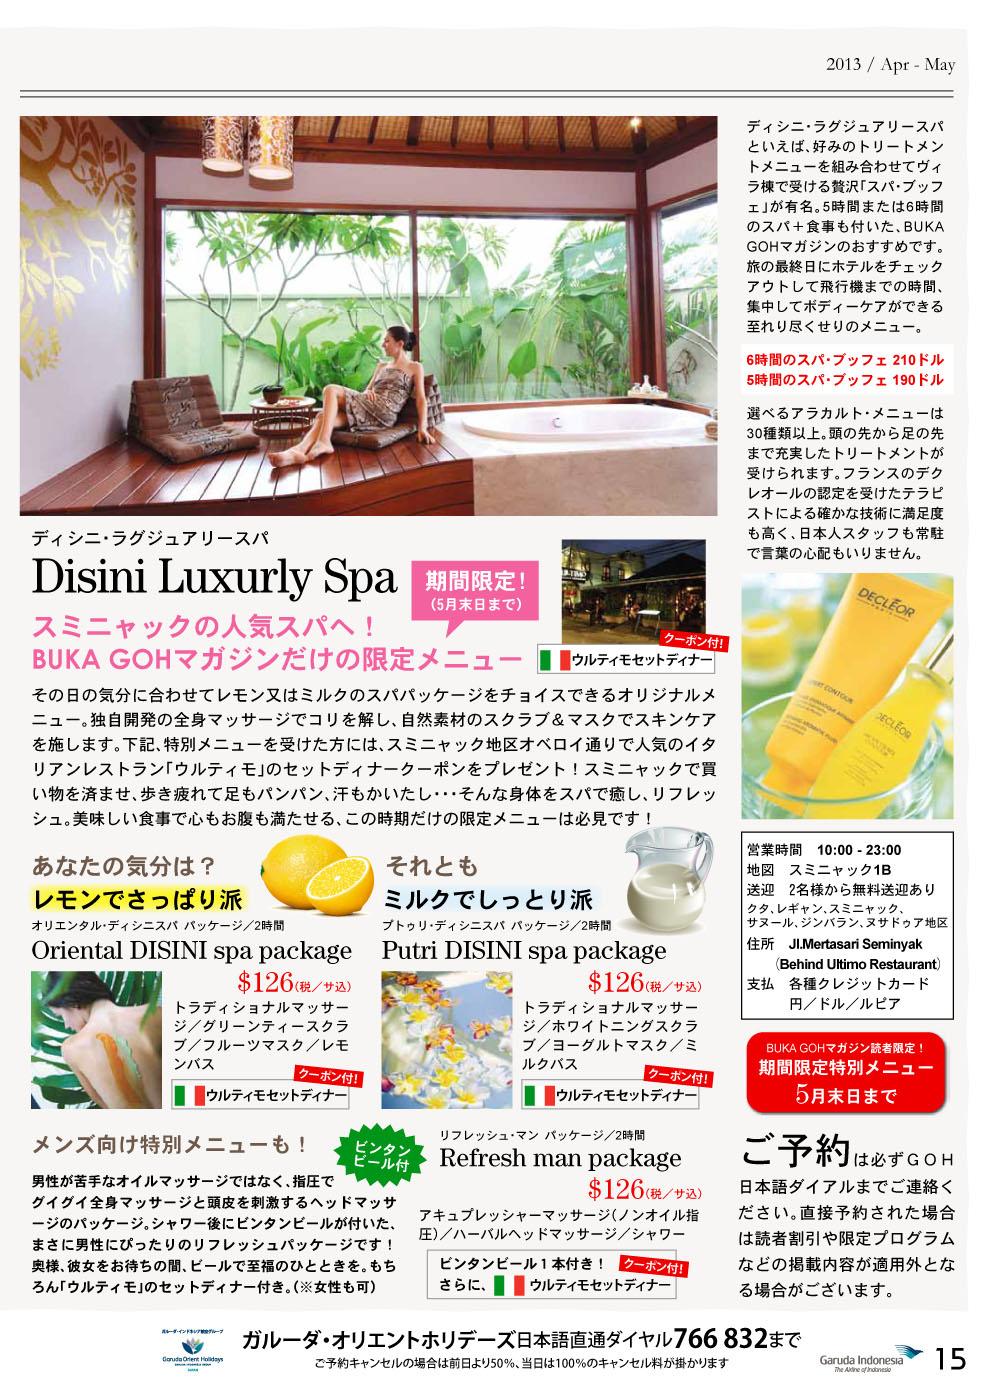 BUKA GOH Magazine - Special Disini spa